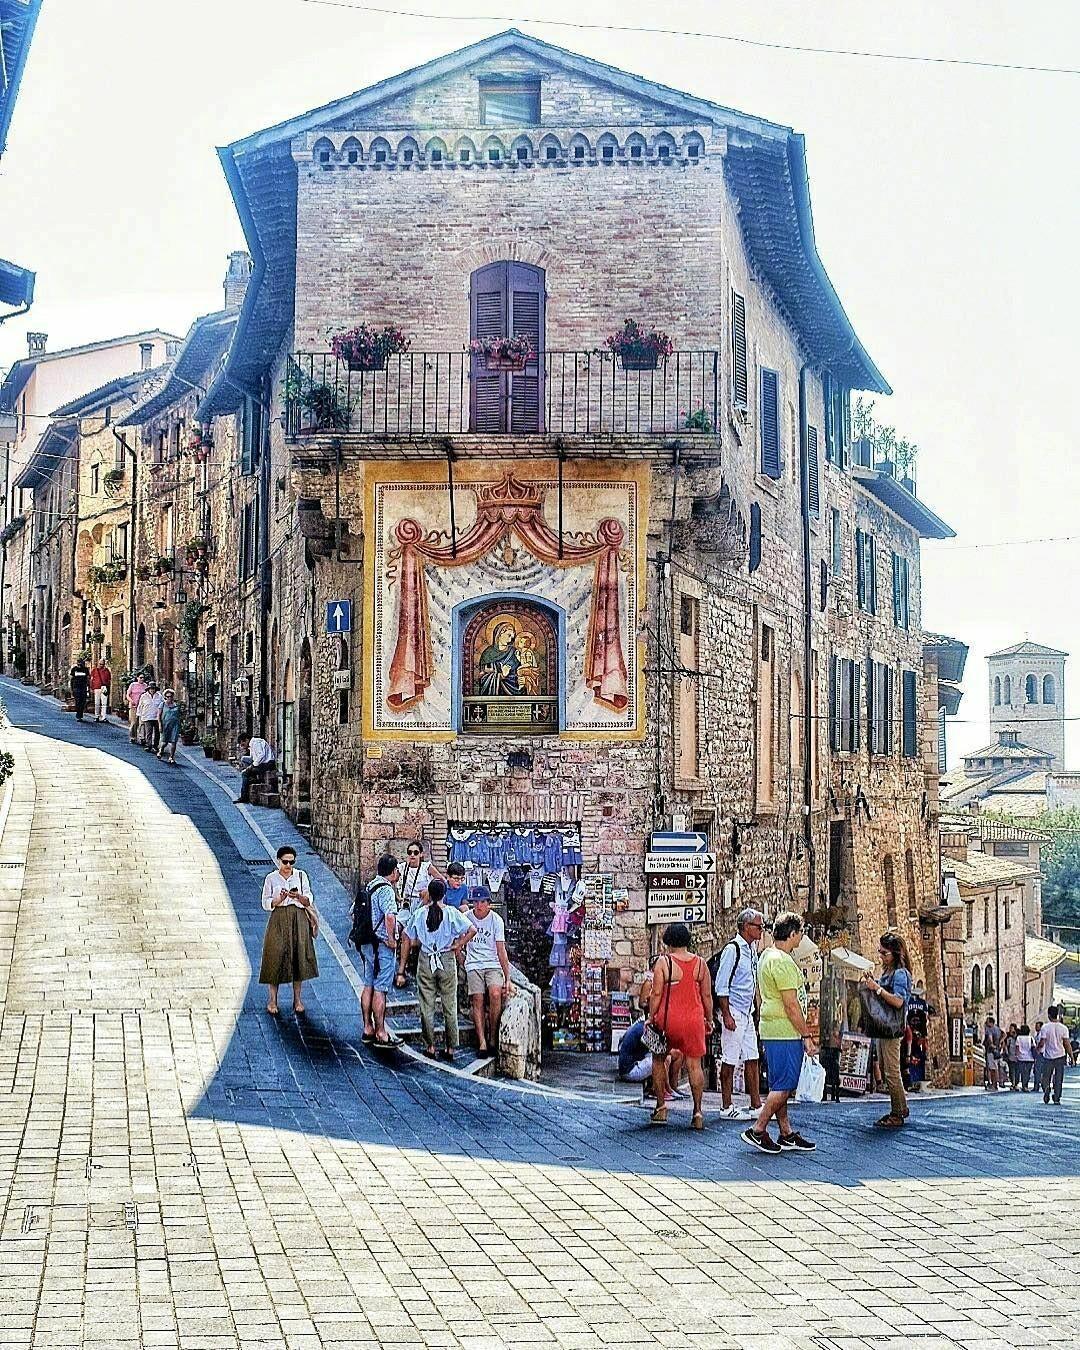 一座中世纪圣城,欧洲天主教徒朝圣之地——意大利佩鲁贾省阿西西。